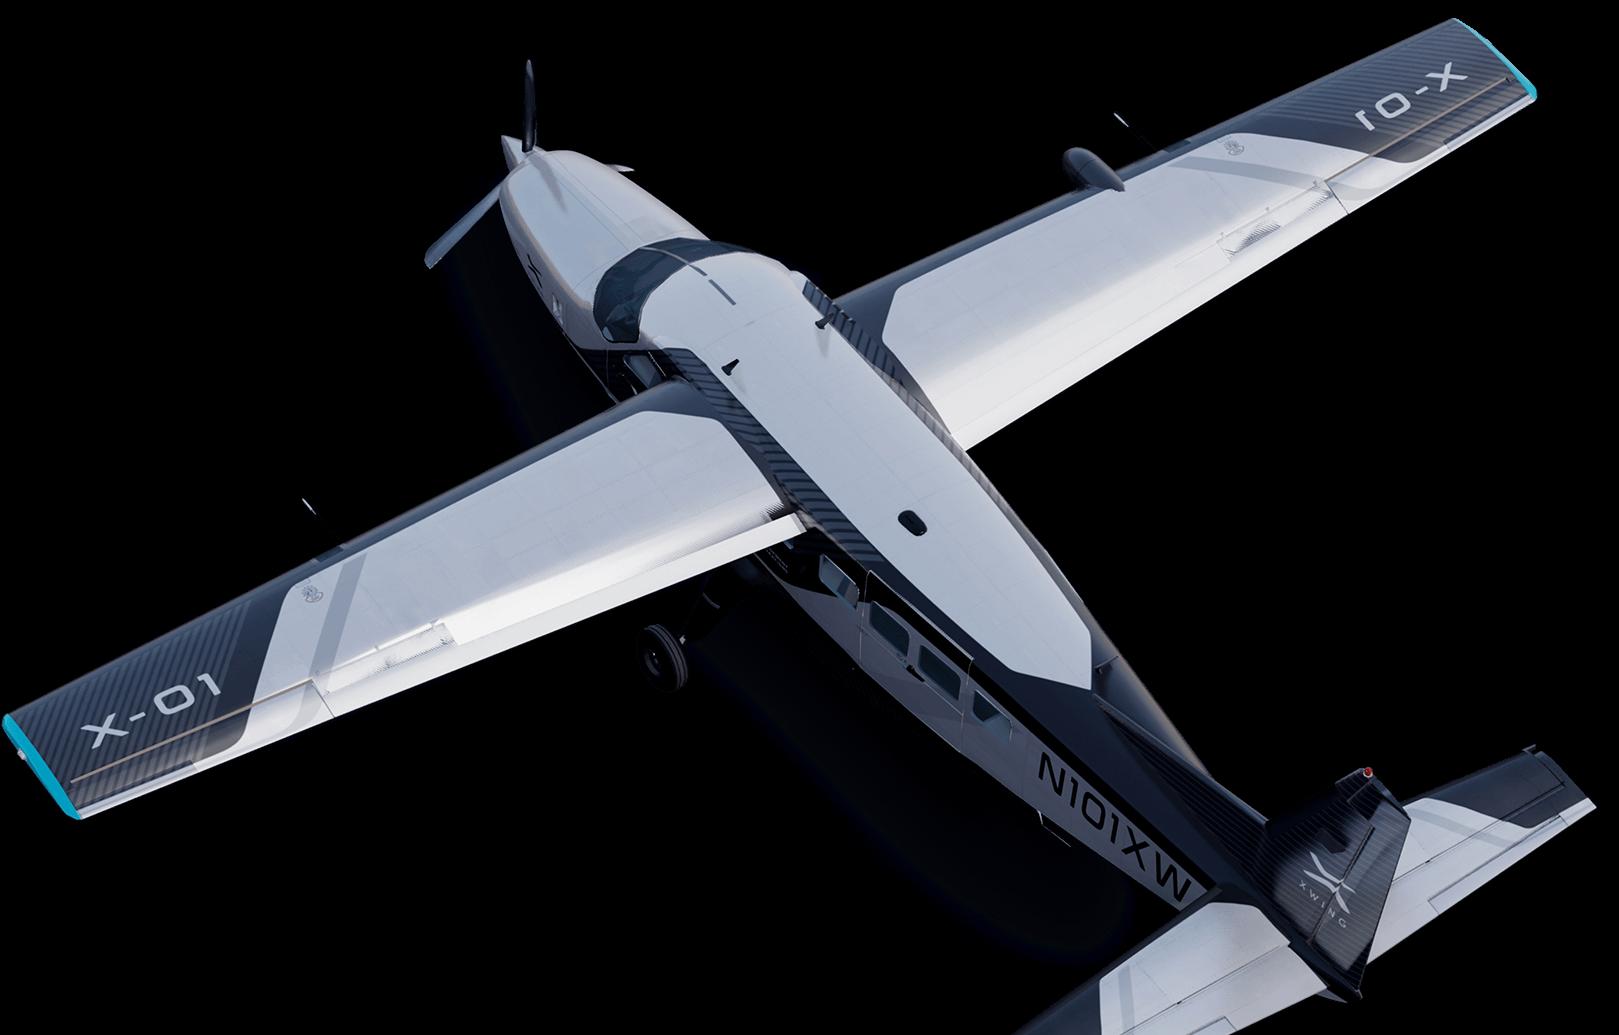 Autonomous Xwing Plane